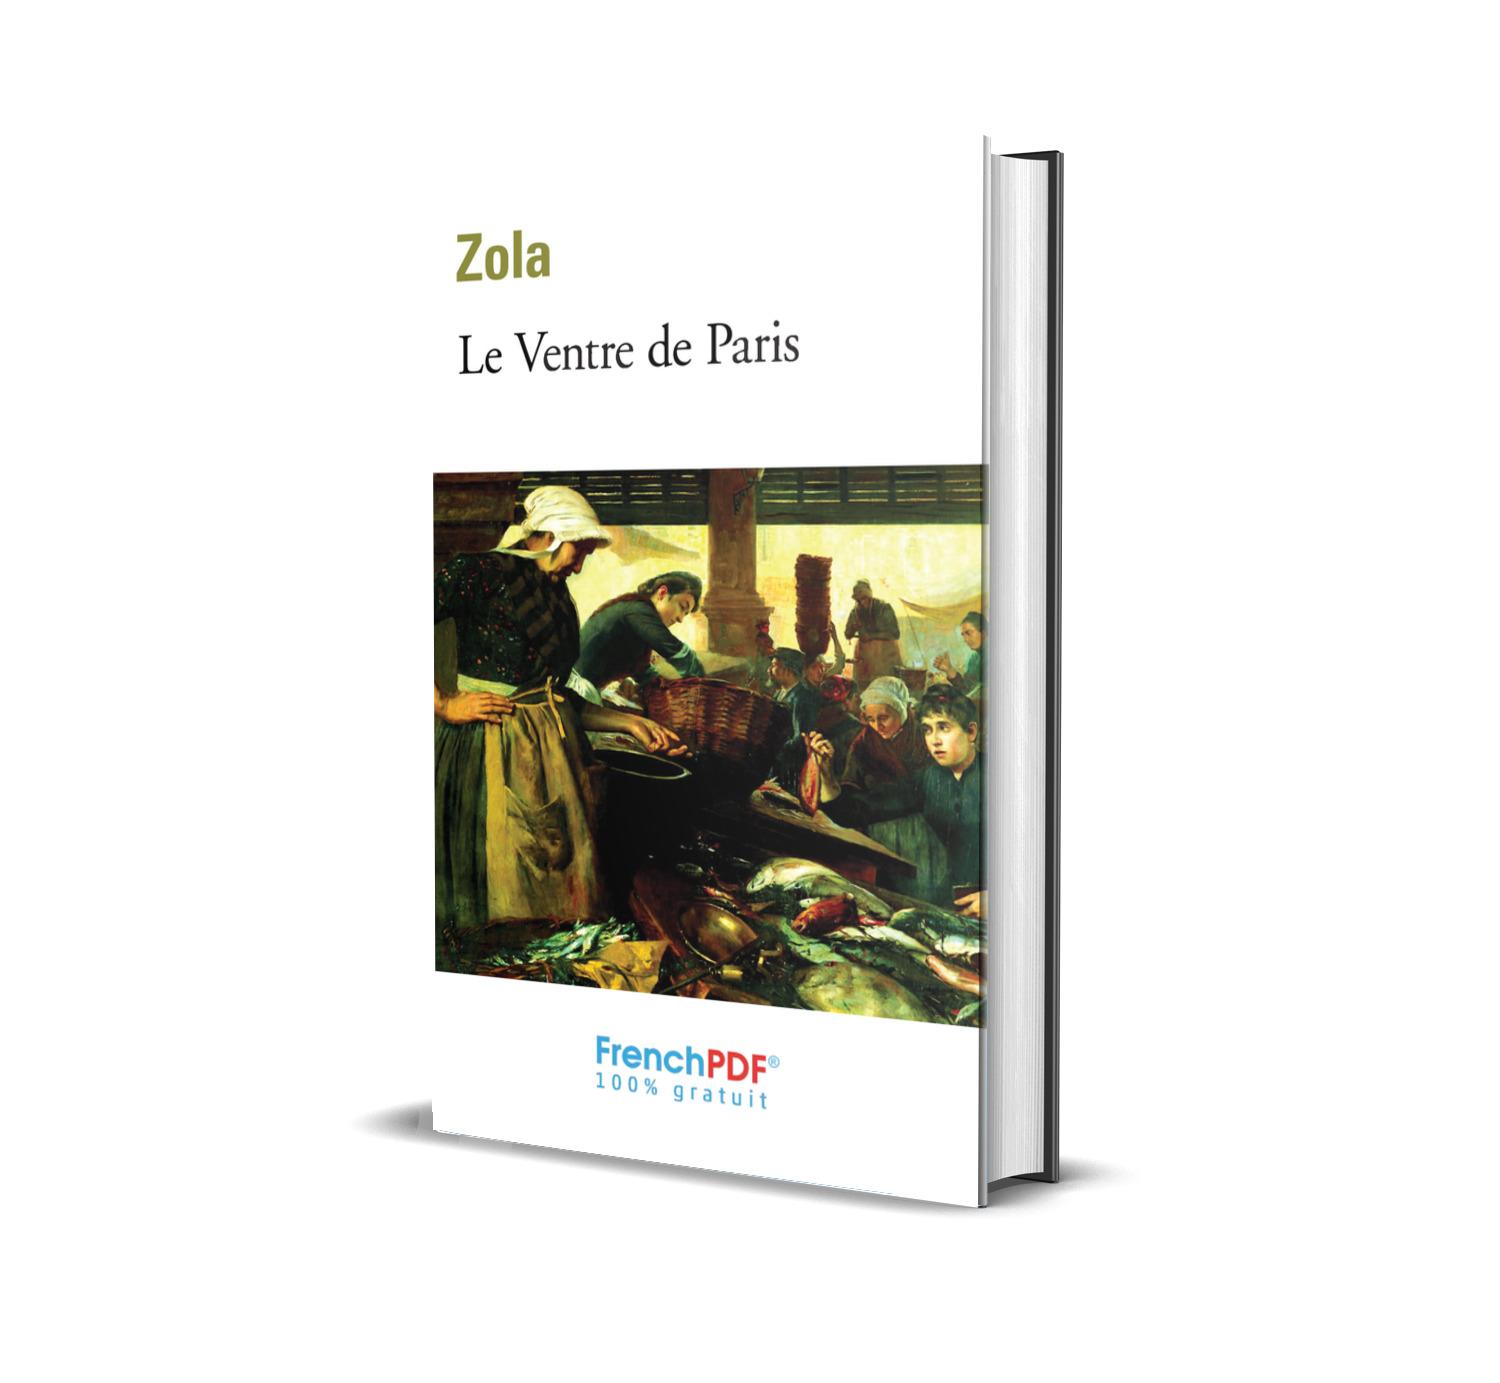 Le ventre de Paris d'Émile Zola, livre en ligne 1